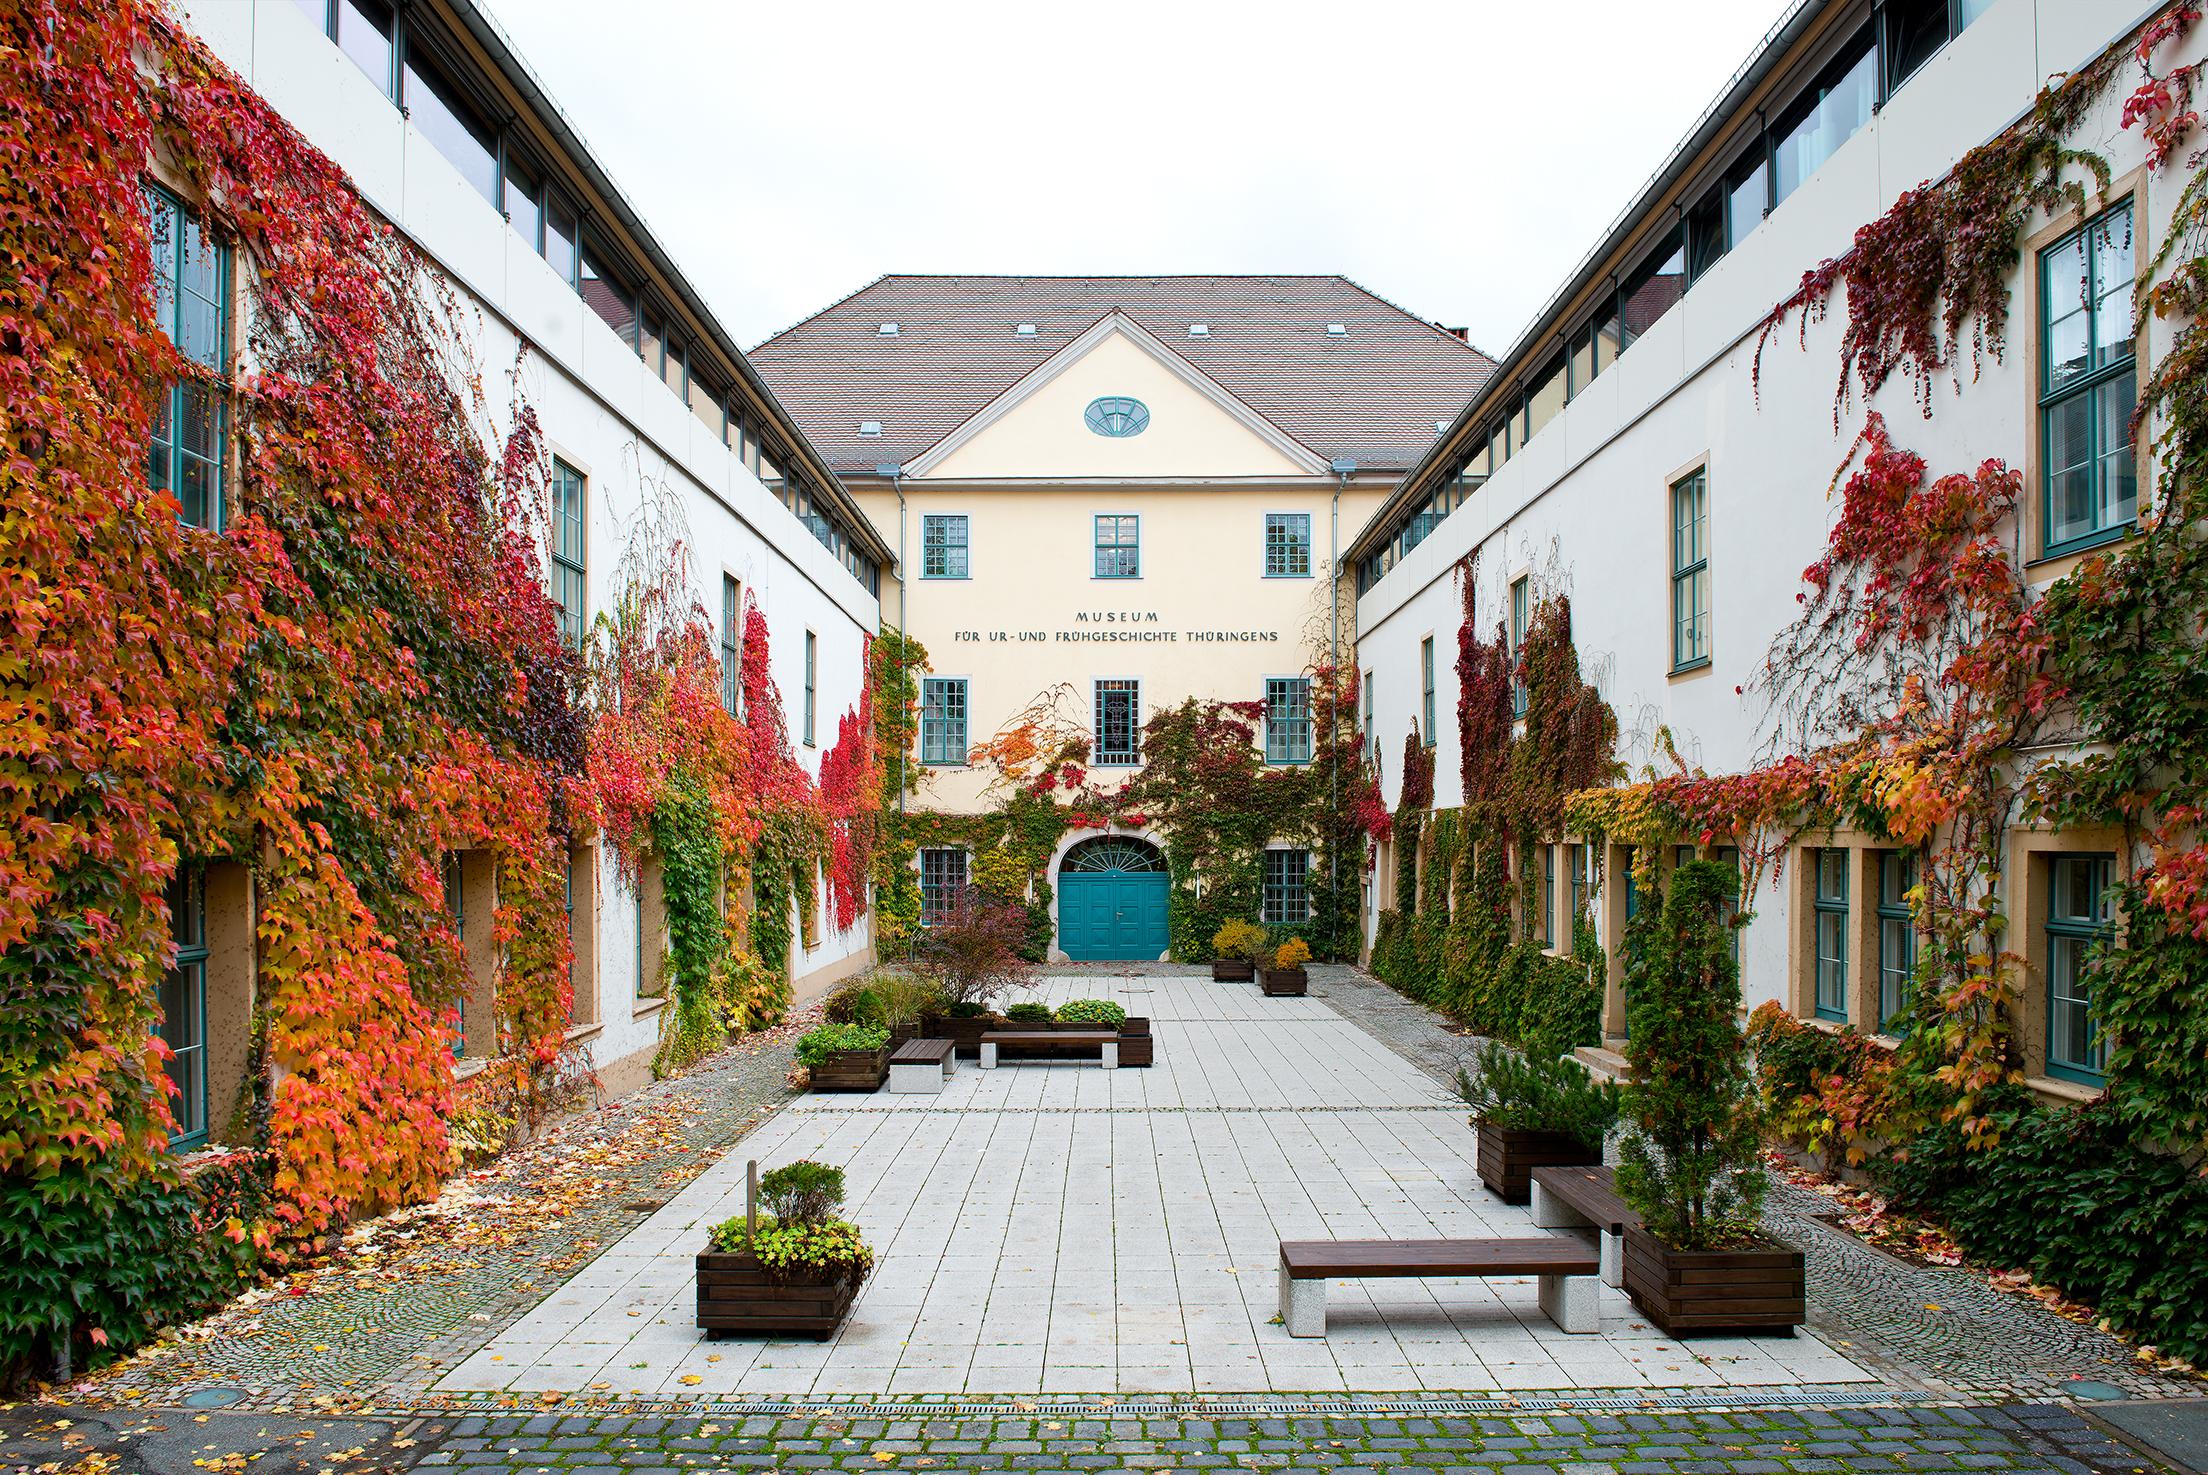 Blick in herbstlichen Museumshof auf Gebäude mit bunten Weinranken, davor Bänke